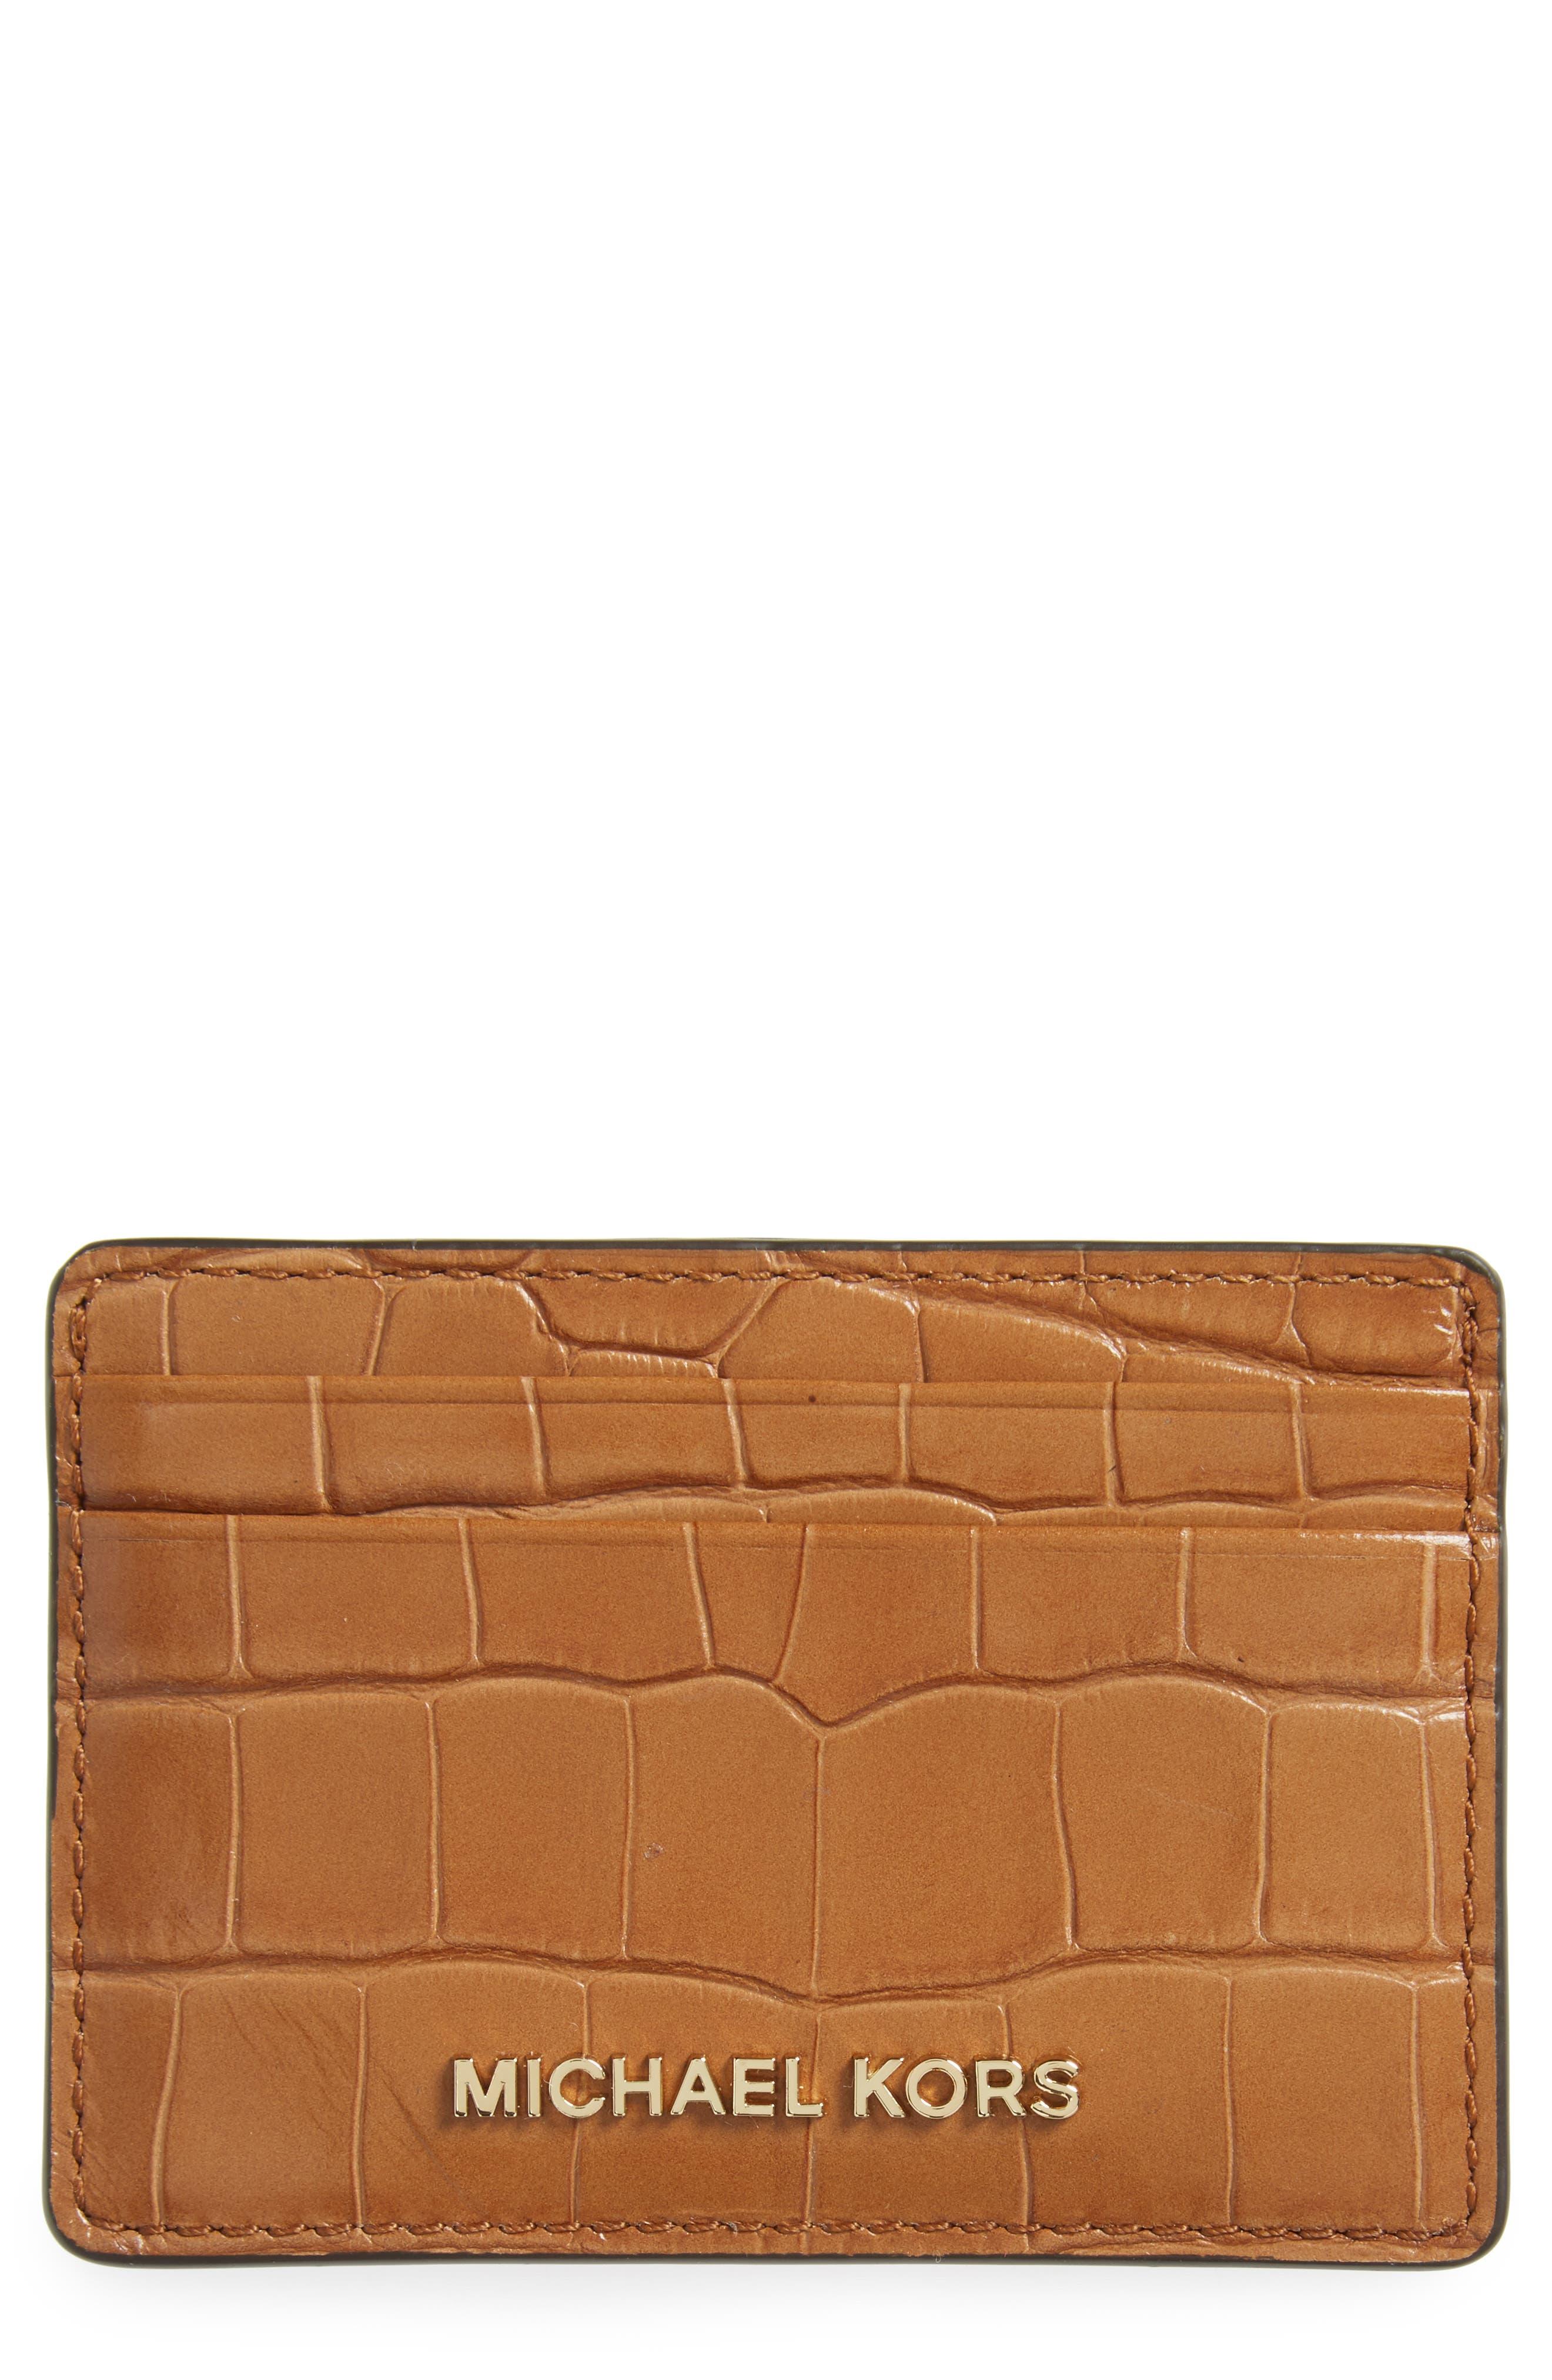 Money Pieces Leather Card Case,                             Main thumbnail 1, color,                             232